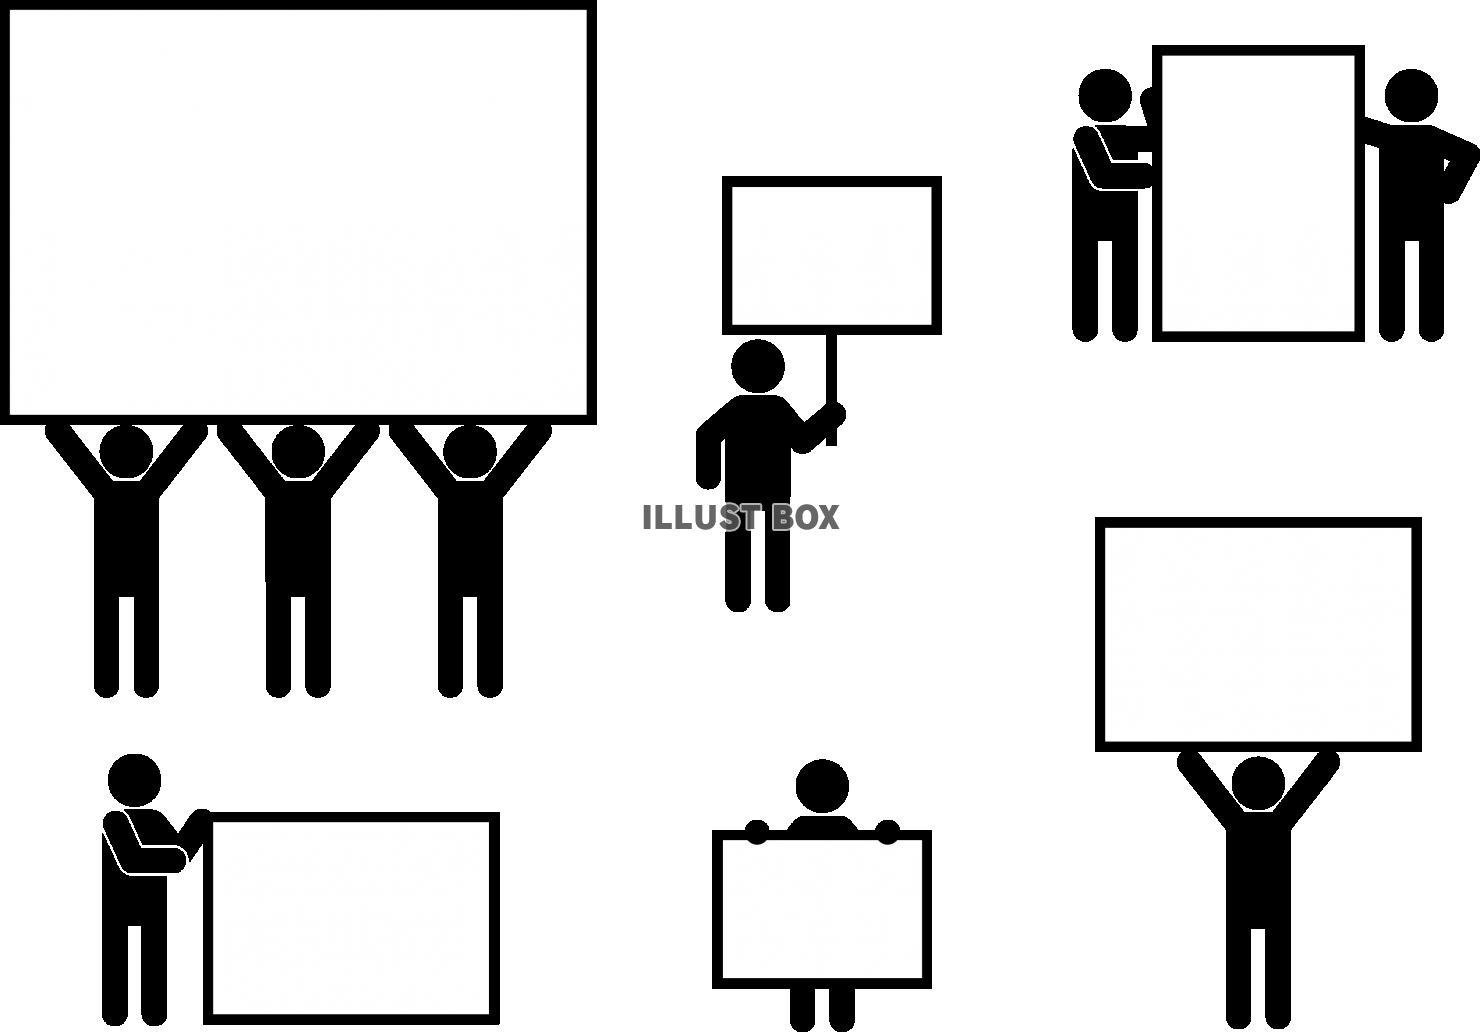 無料イラスト 看板を持つ人 ピクトグラム